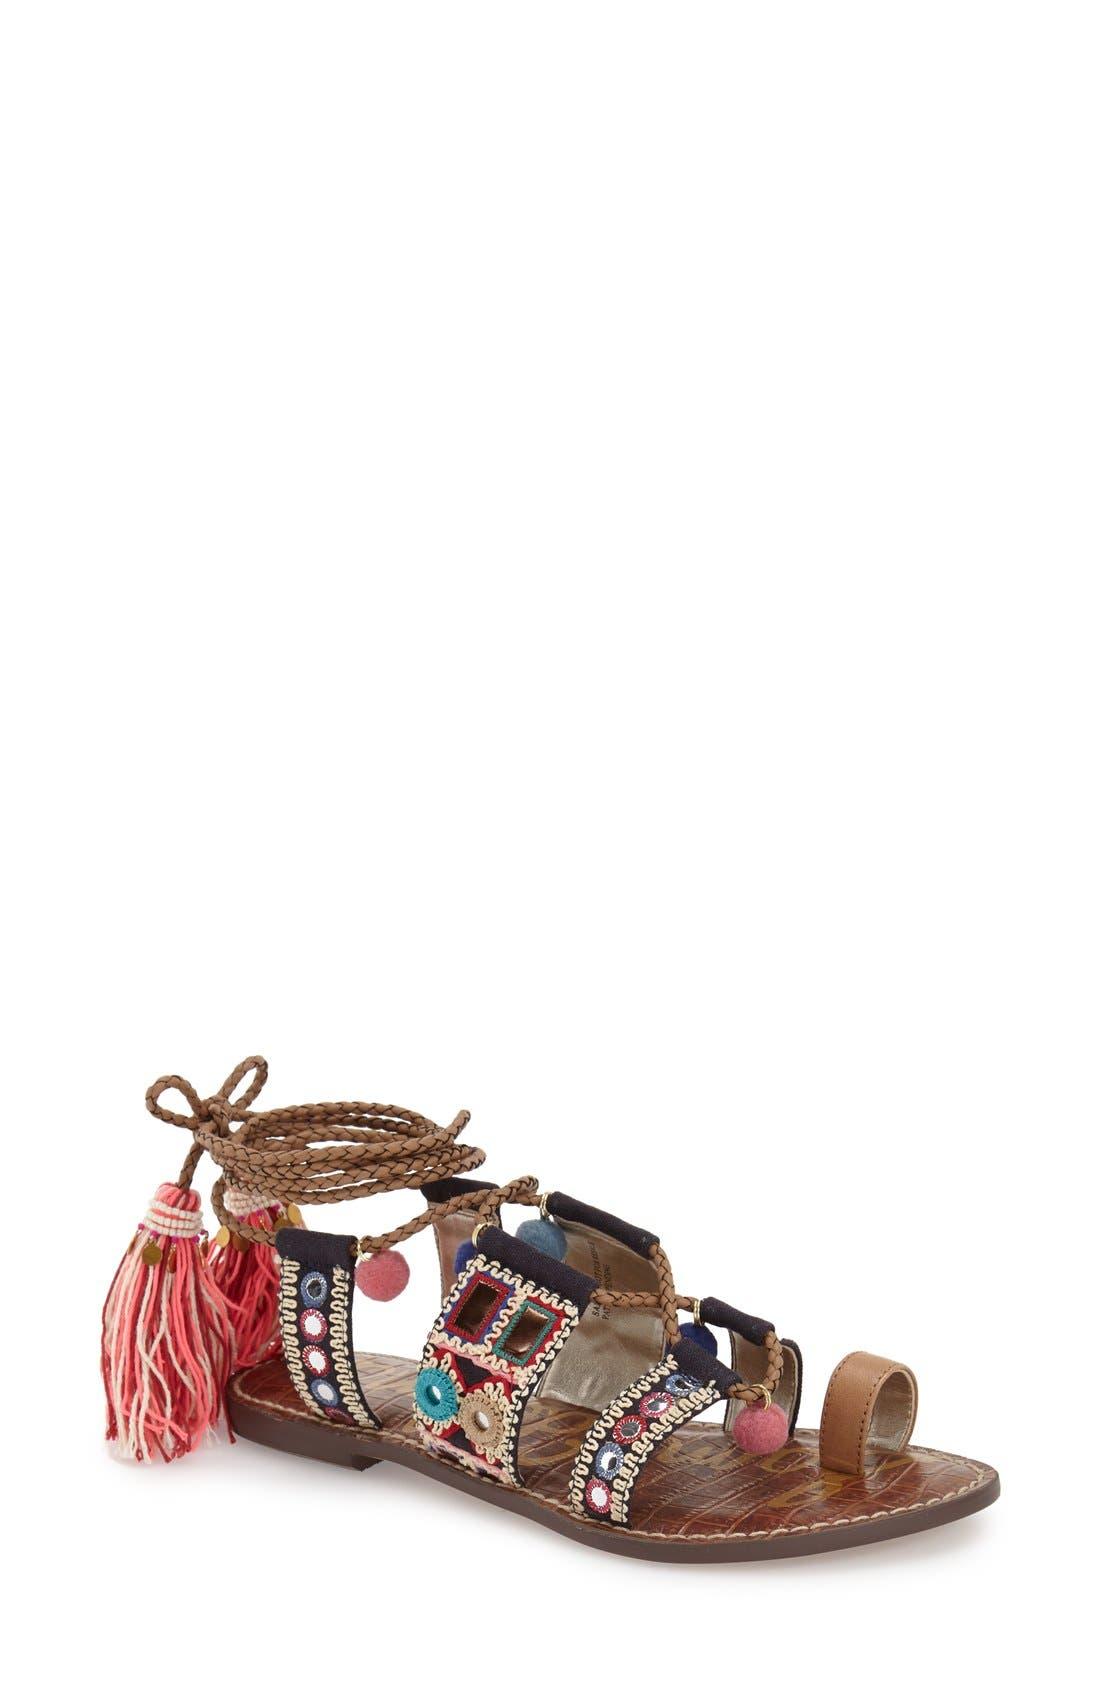 Alternate Image 1 Selected - Sam Edelman 'Gretchen' Embellished Lace-Up Sandal (Women)